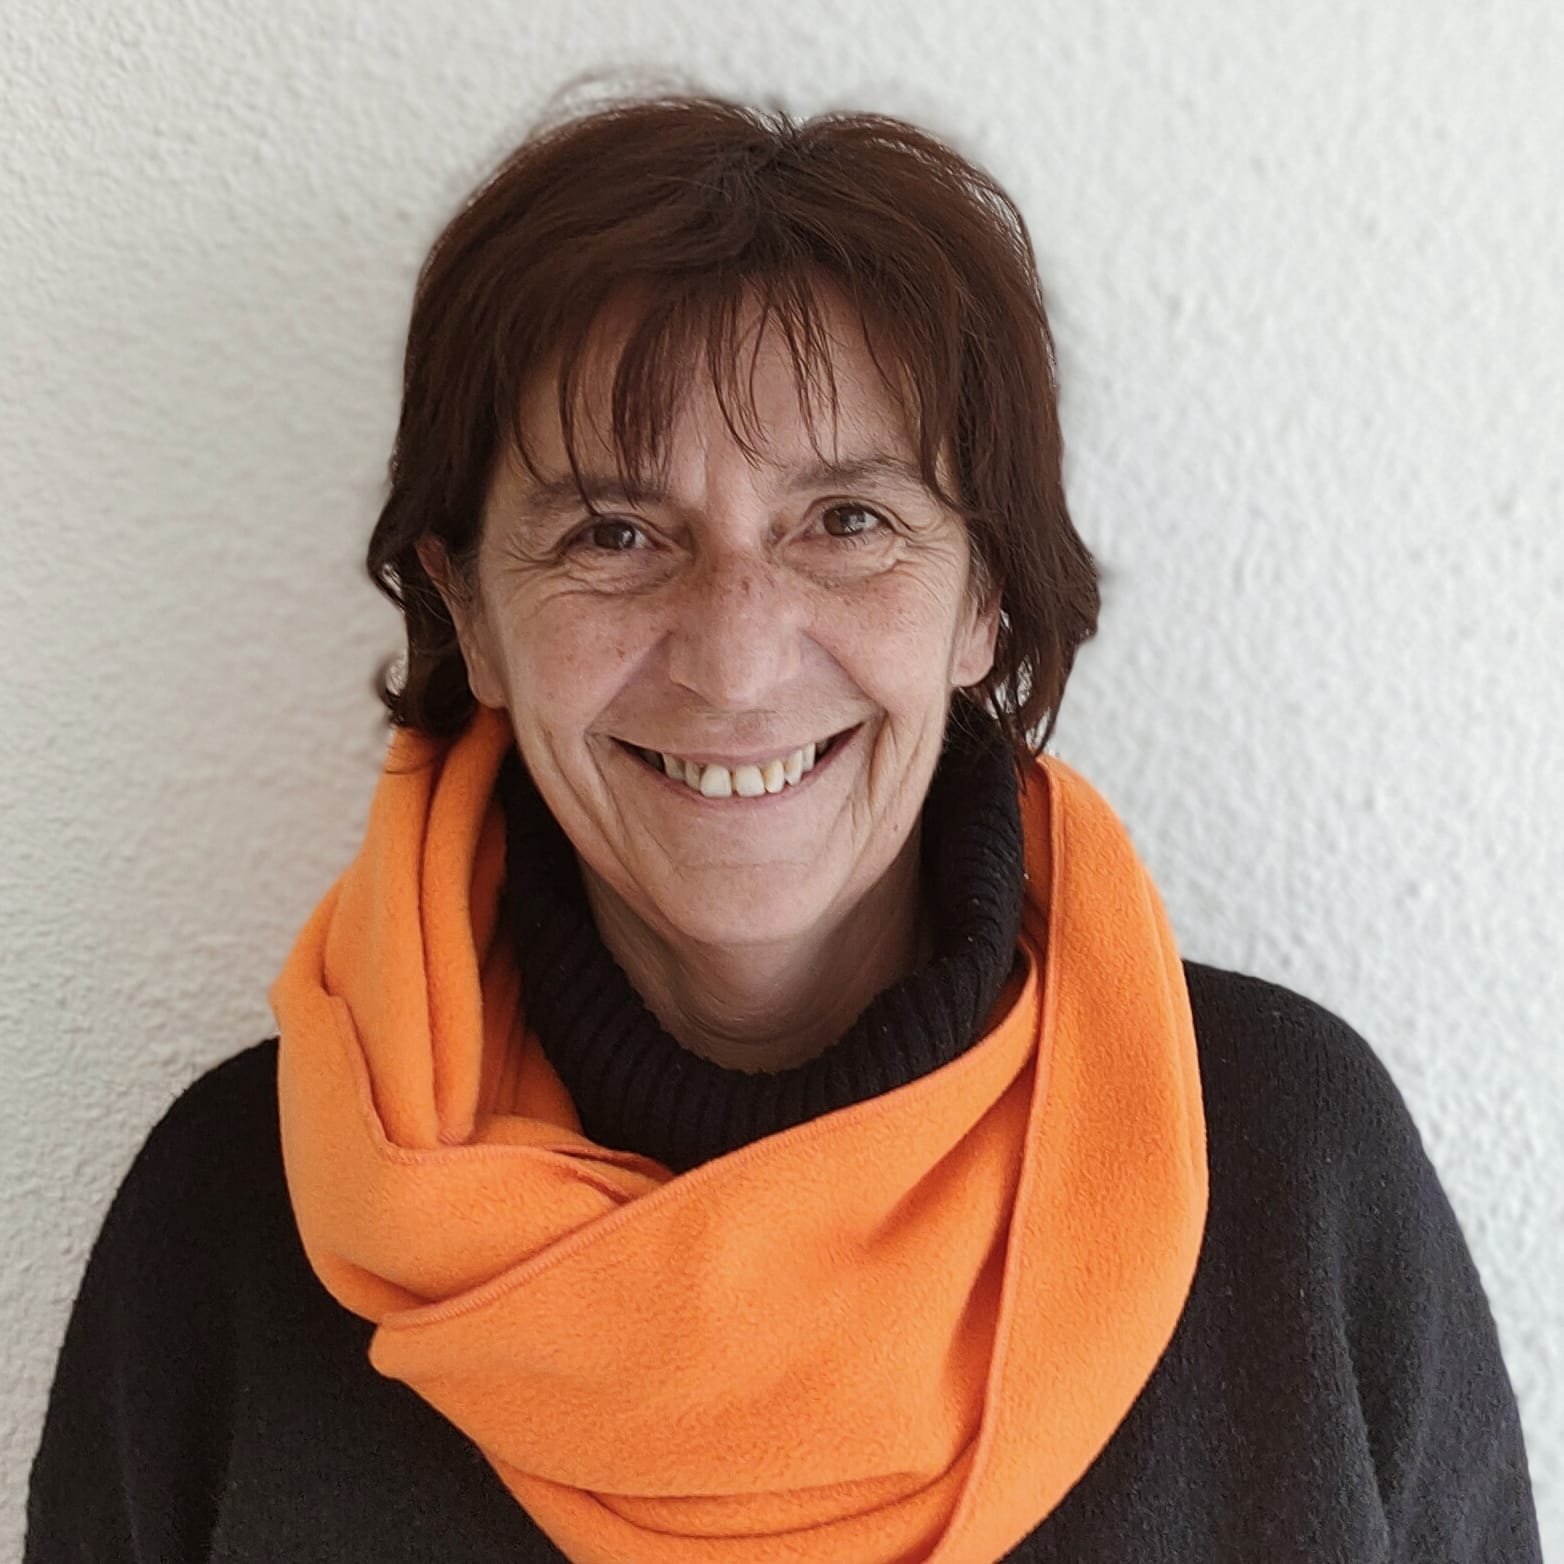 Martine Alvarez